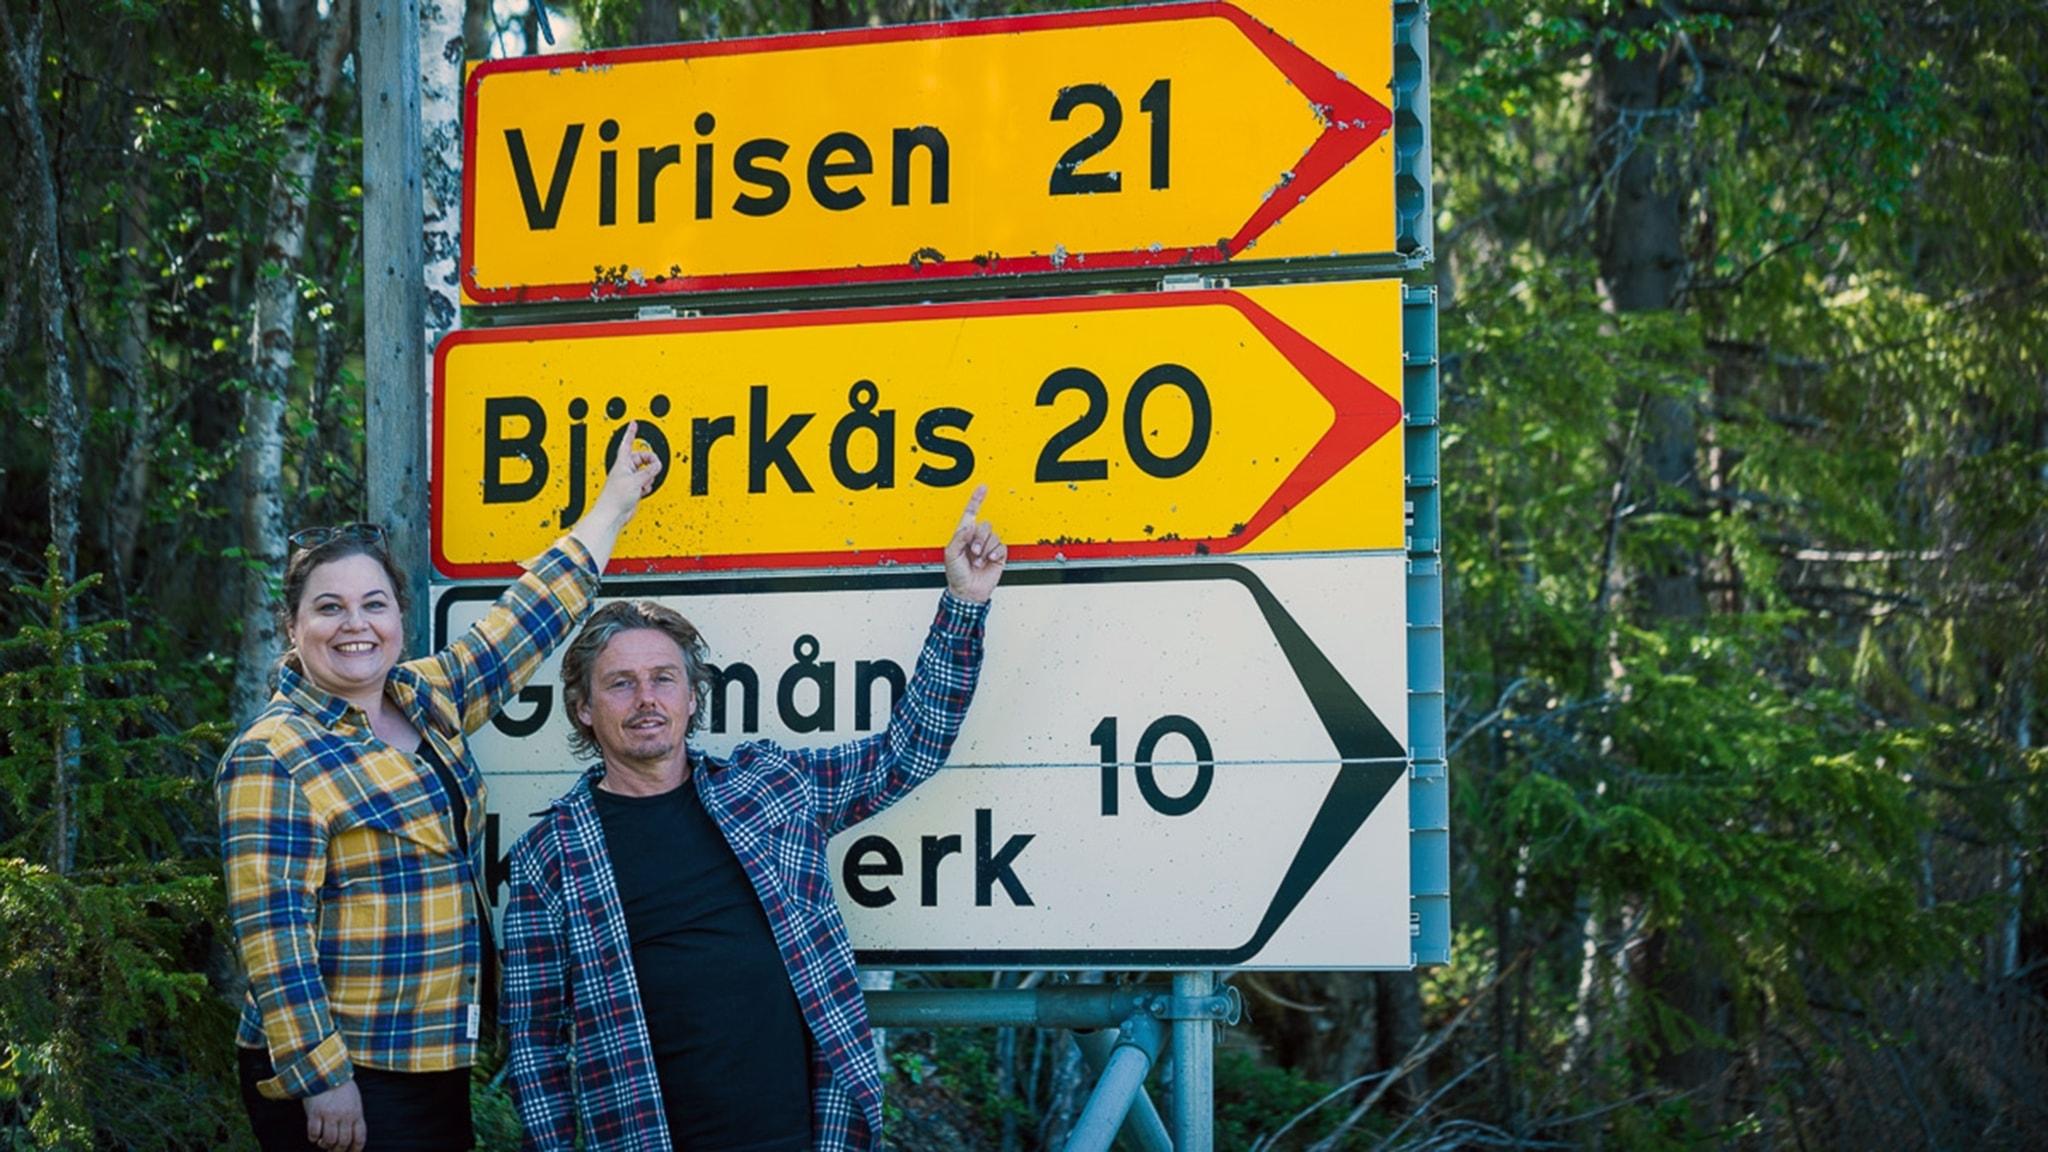 Norrlandsresan - I Virisen, där vägen slutar